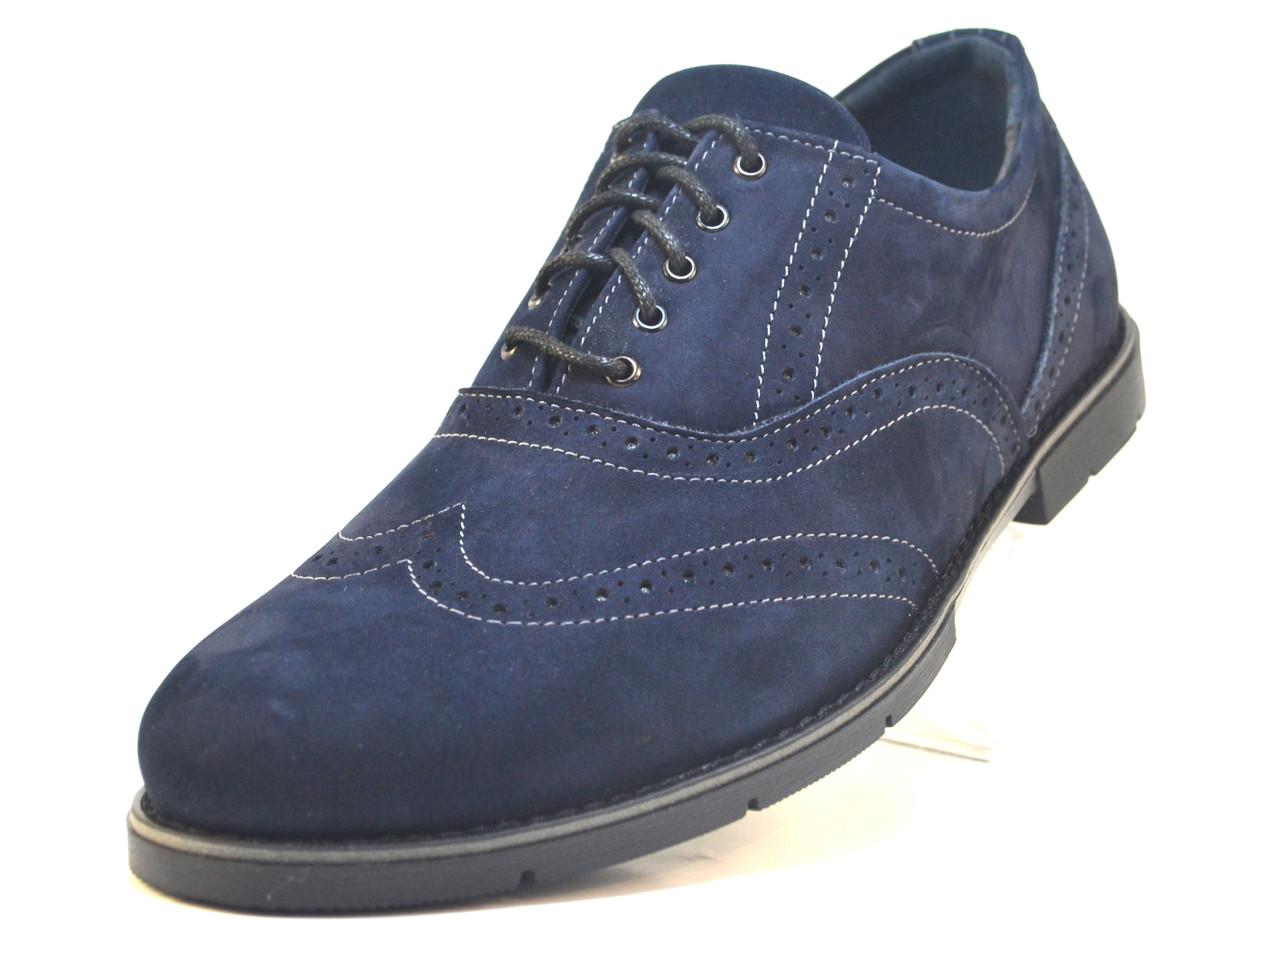 Туфли мужские комфорт нубук синие обувь больших размеров Rosso Avangard BS Persona Uomo Camoscio Blu